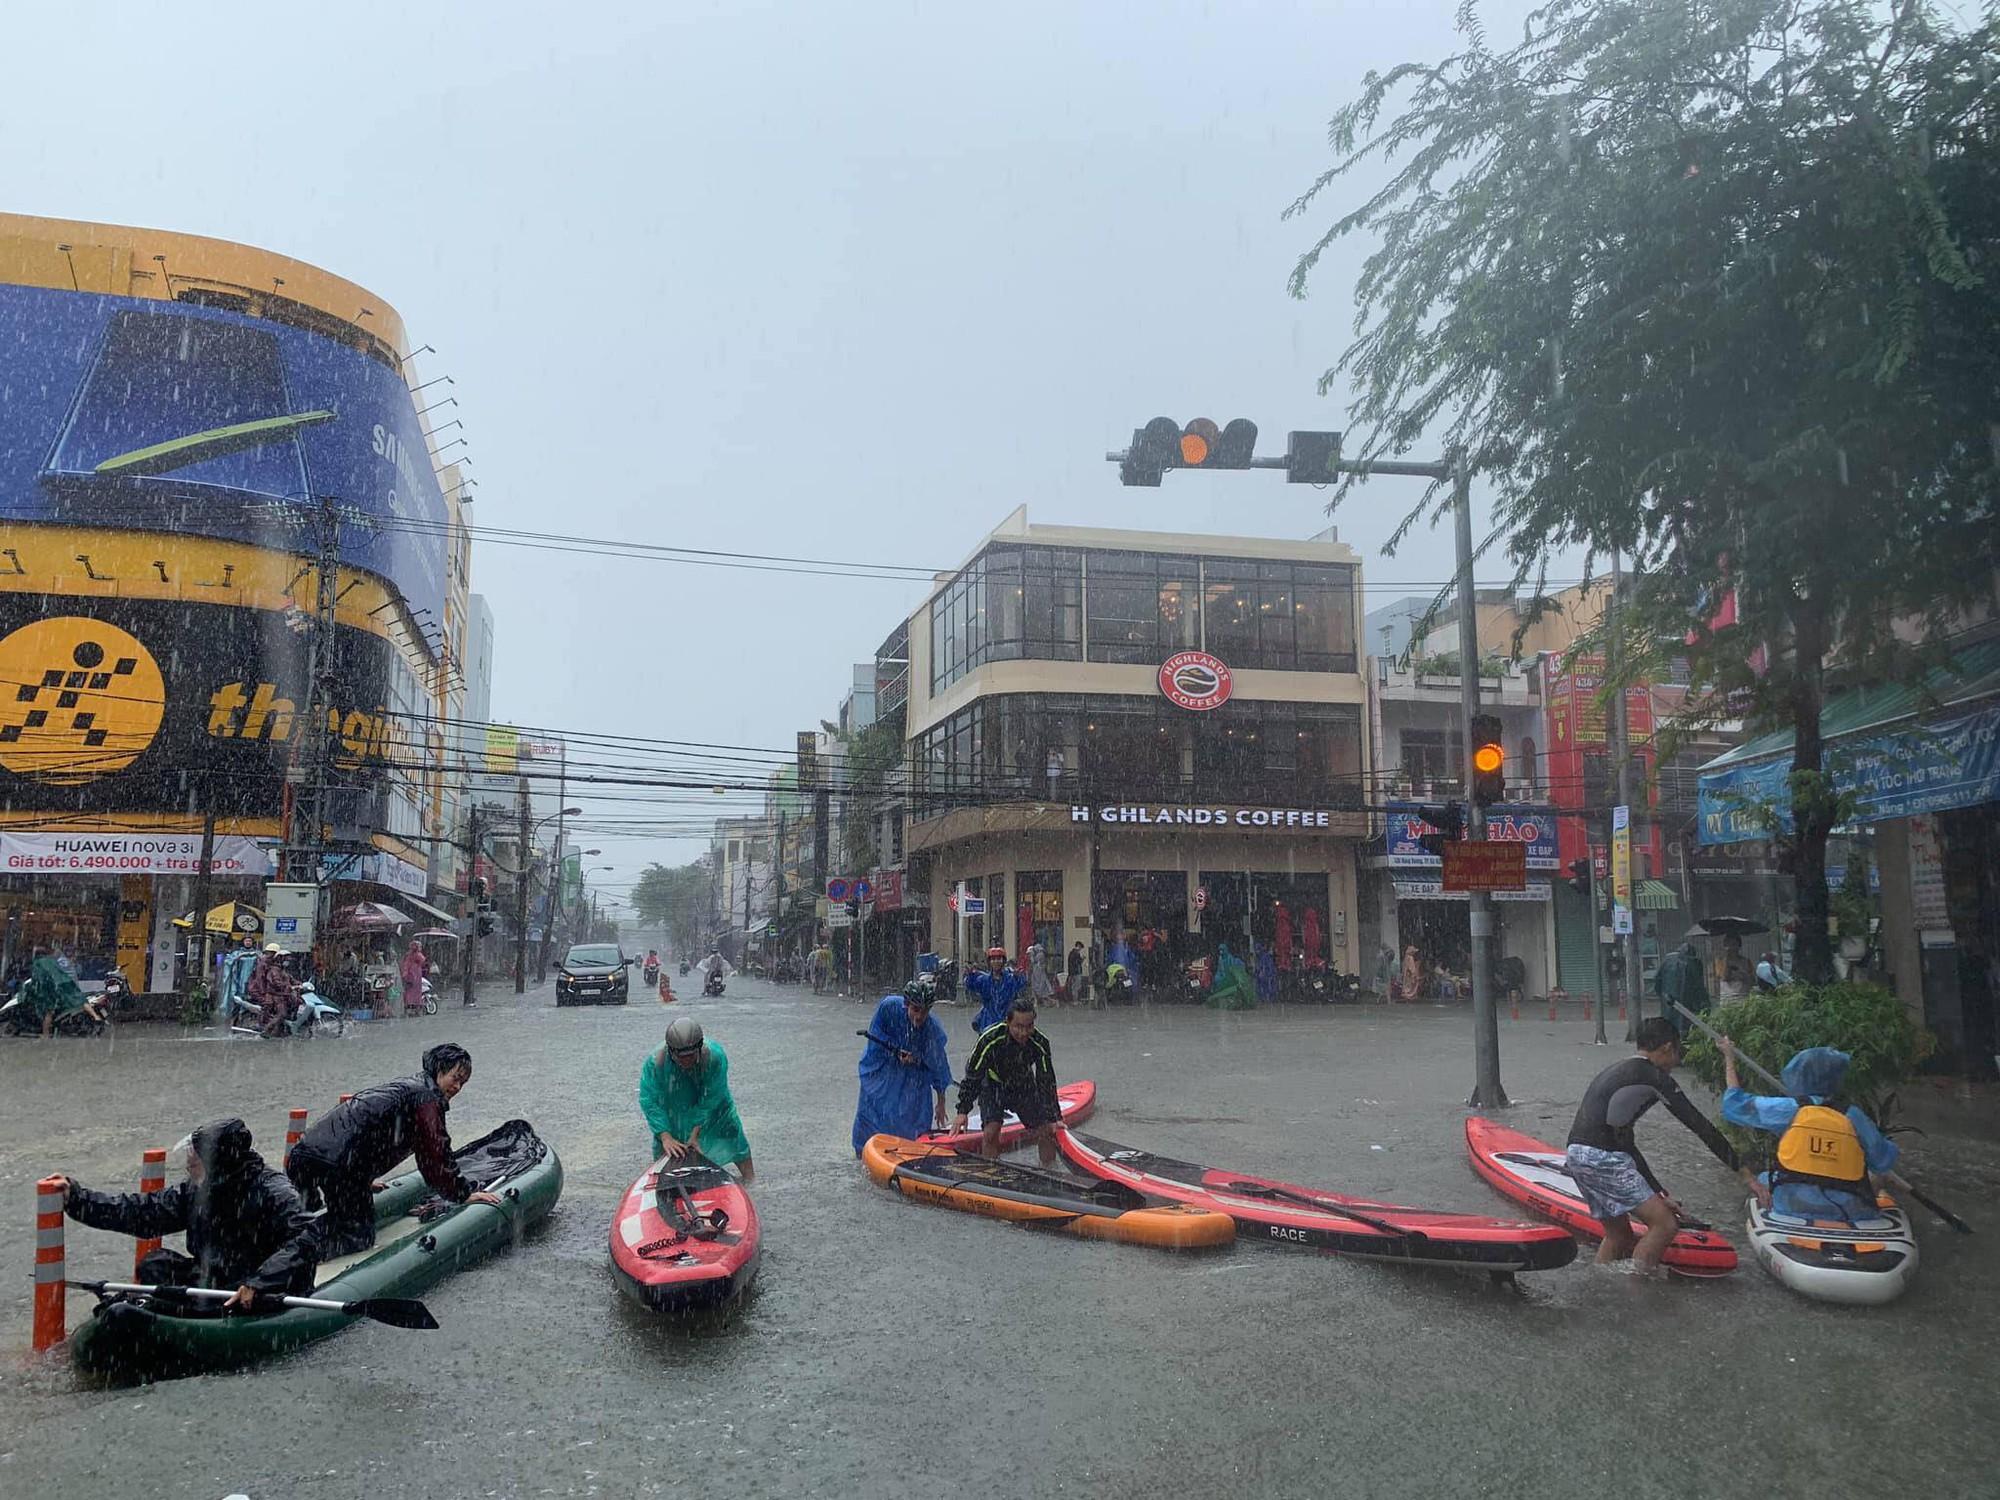 Hình ảnh chưa từng có ở Đà Nẵng: Xuồng bơi trên phố, người dân quăng lưới bắt cá giữa biển nước mênh mông - Ảnh 6.